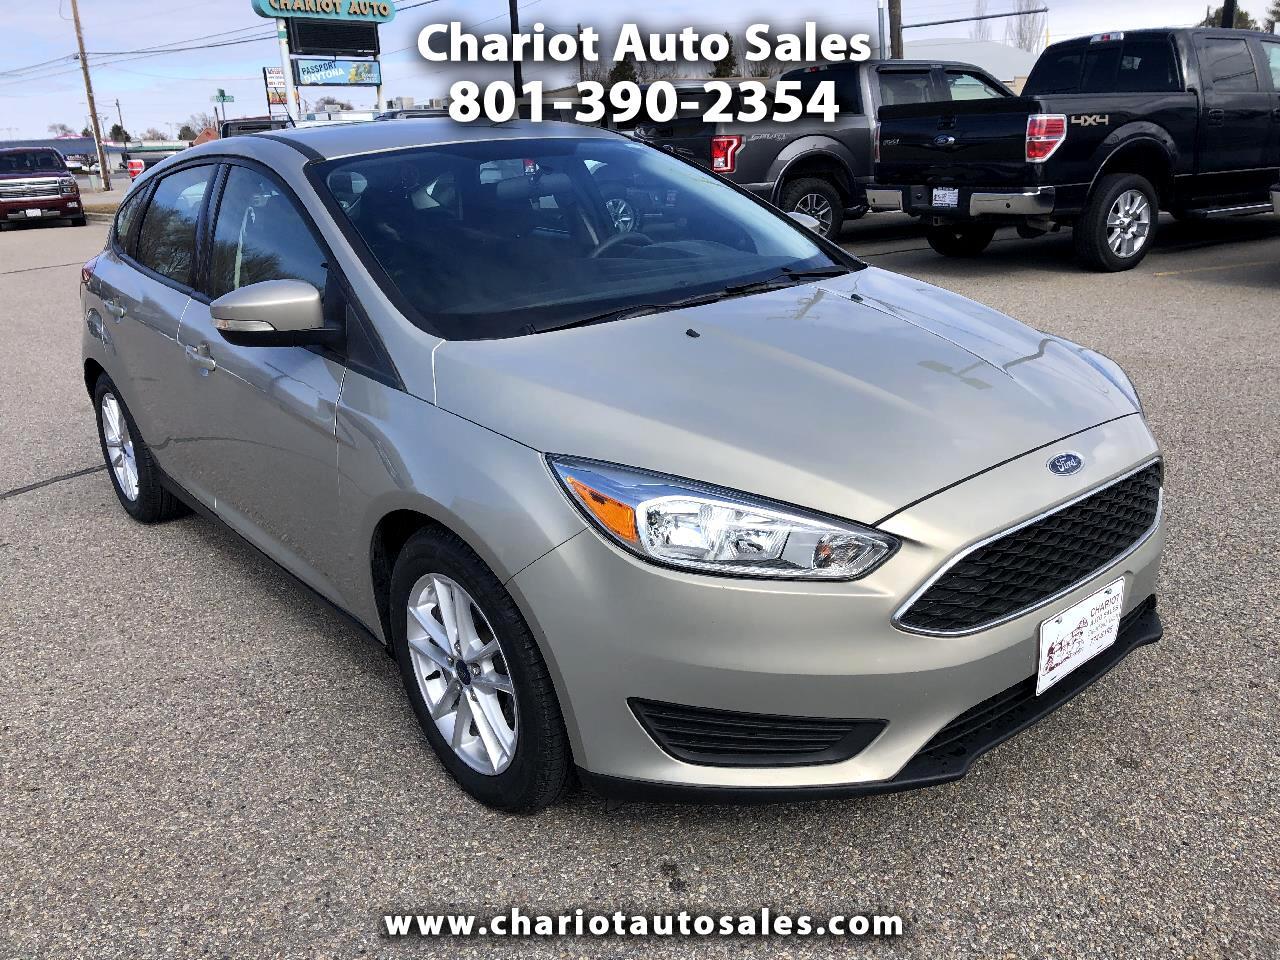 2015 Ford Focus SE Hatch